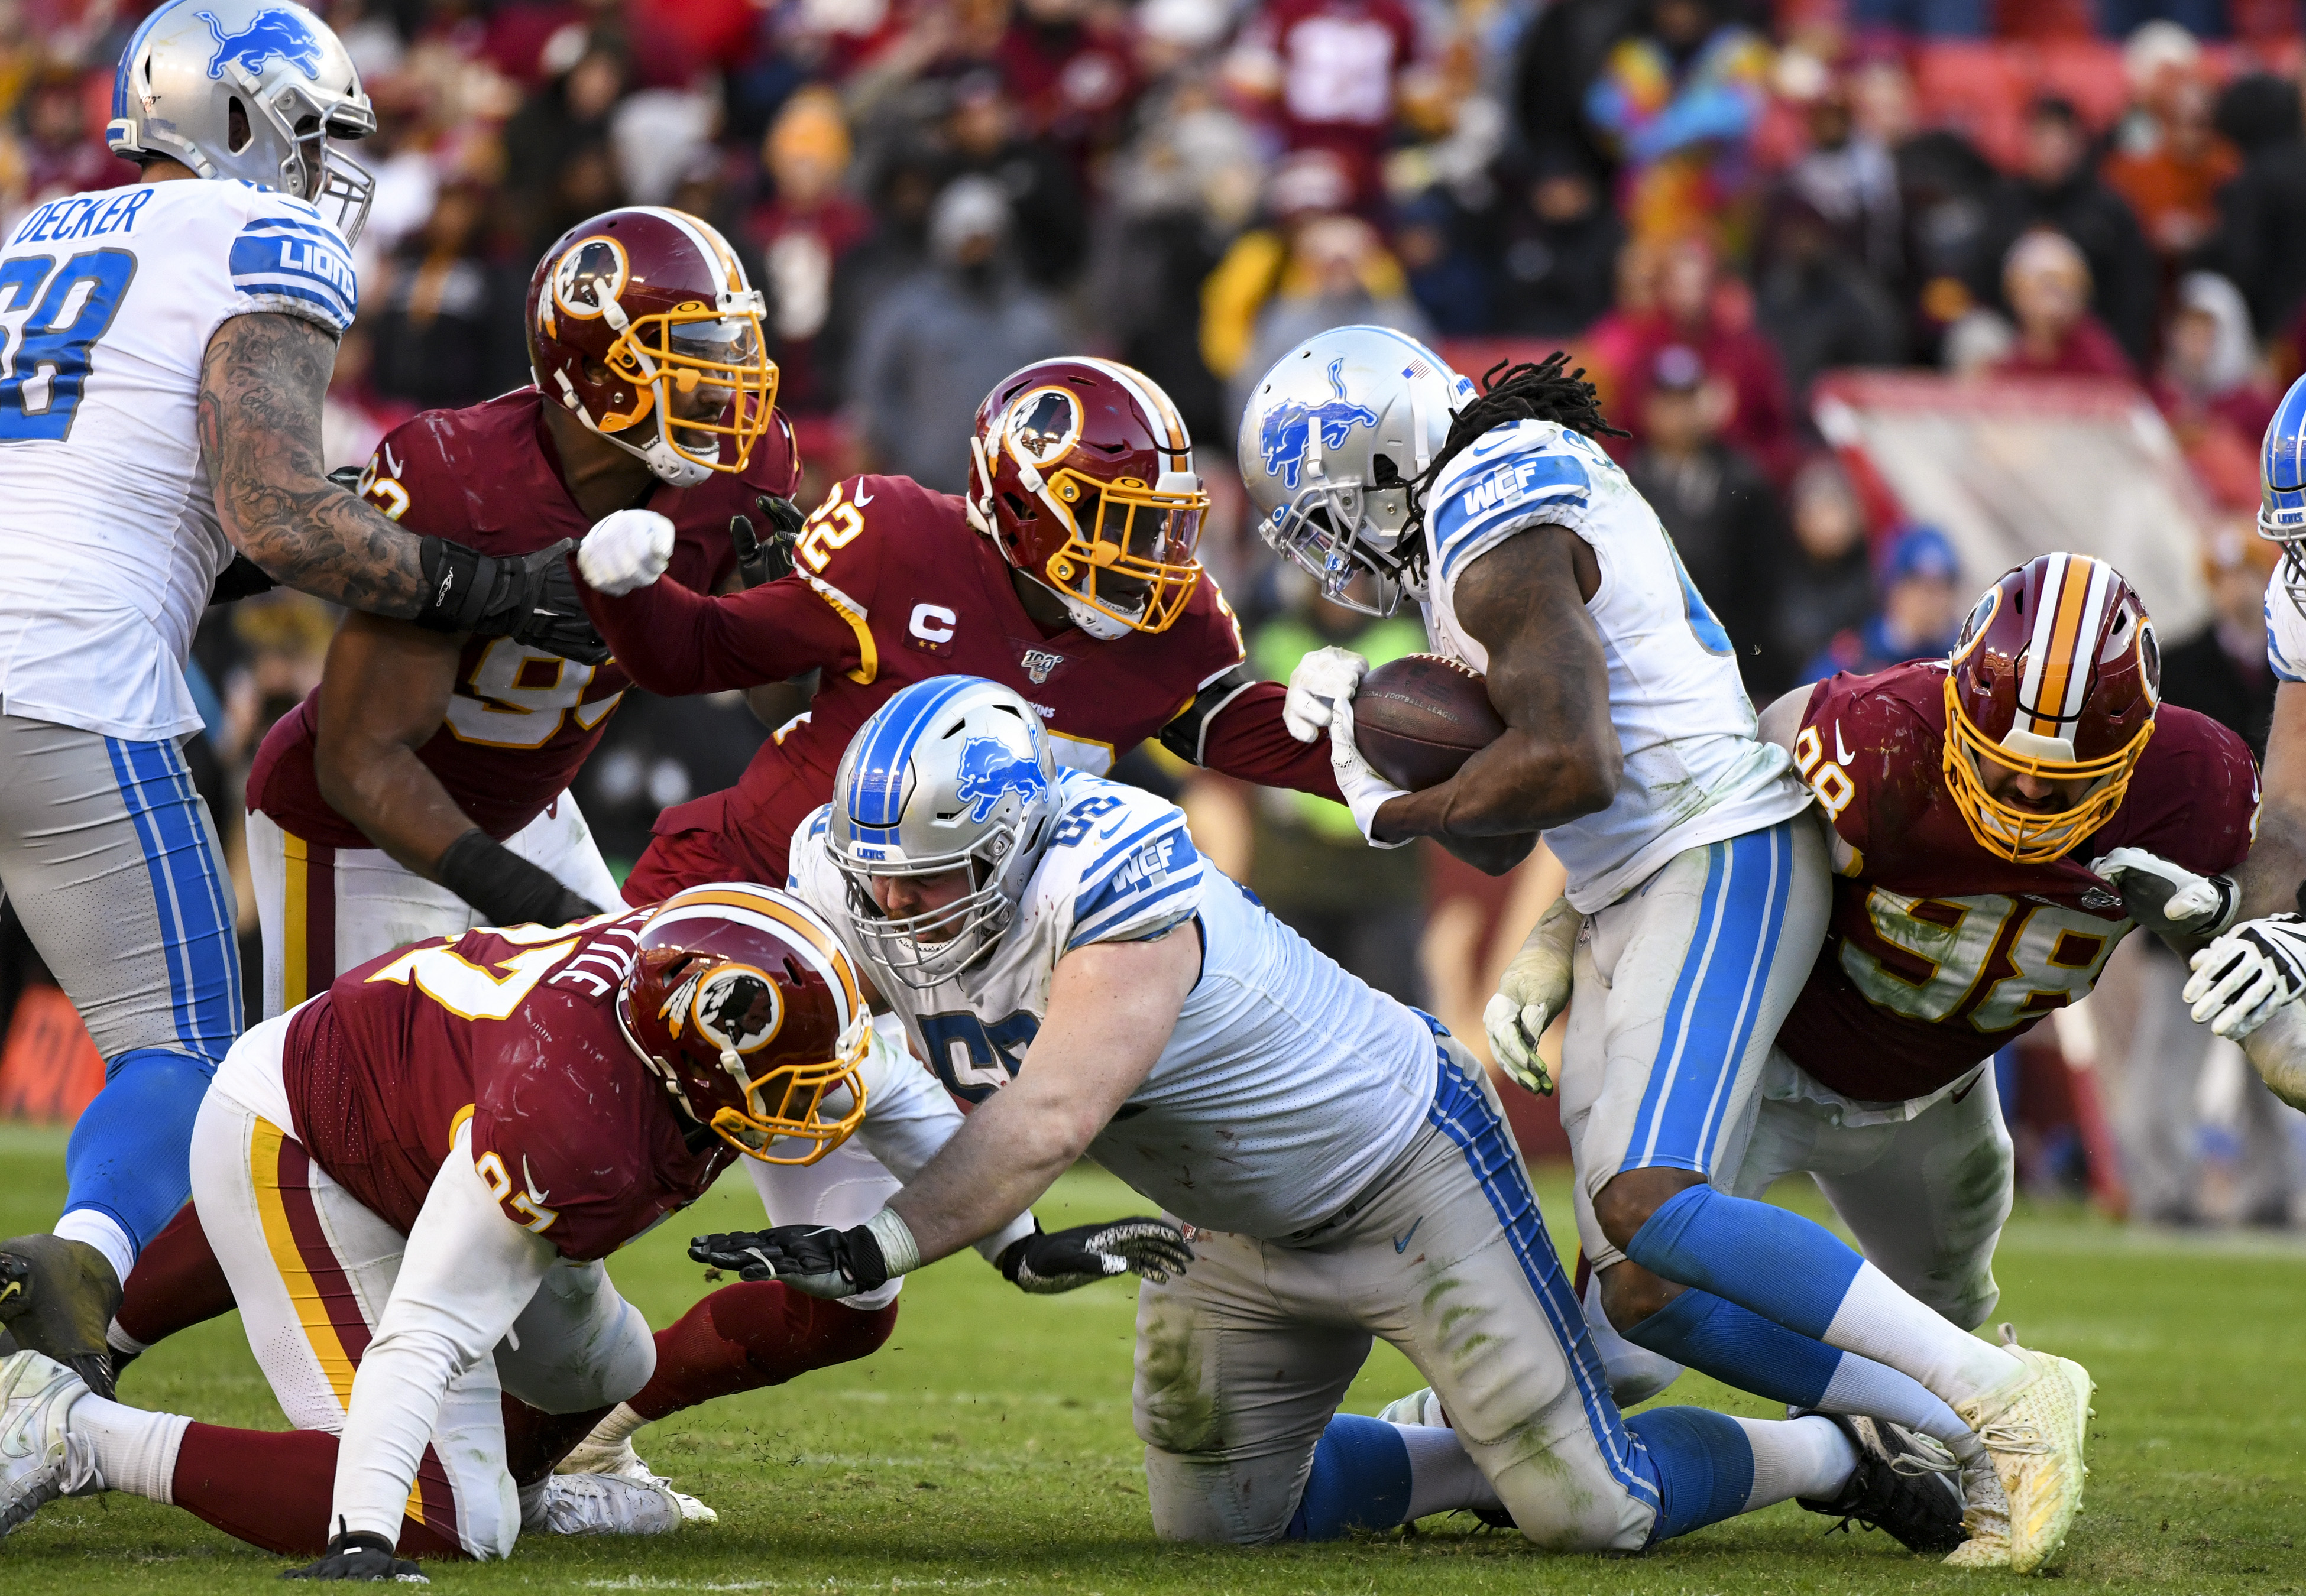 NFL: NOV 24 Lions at Redskins